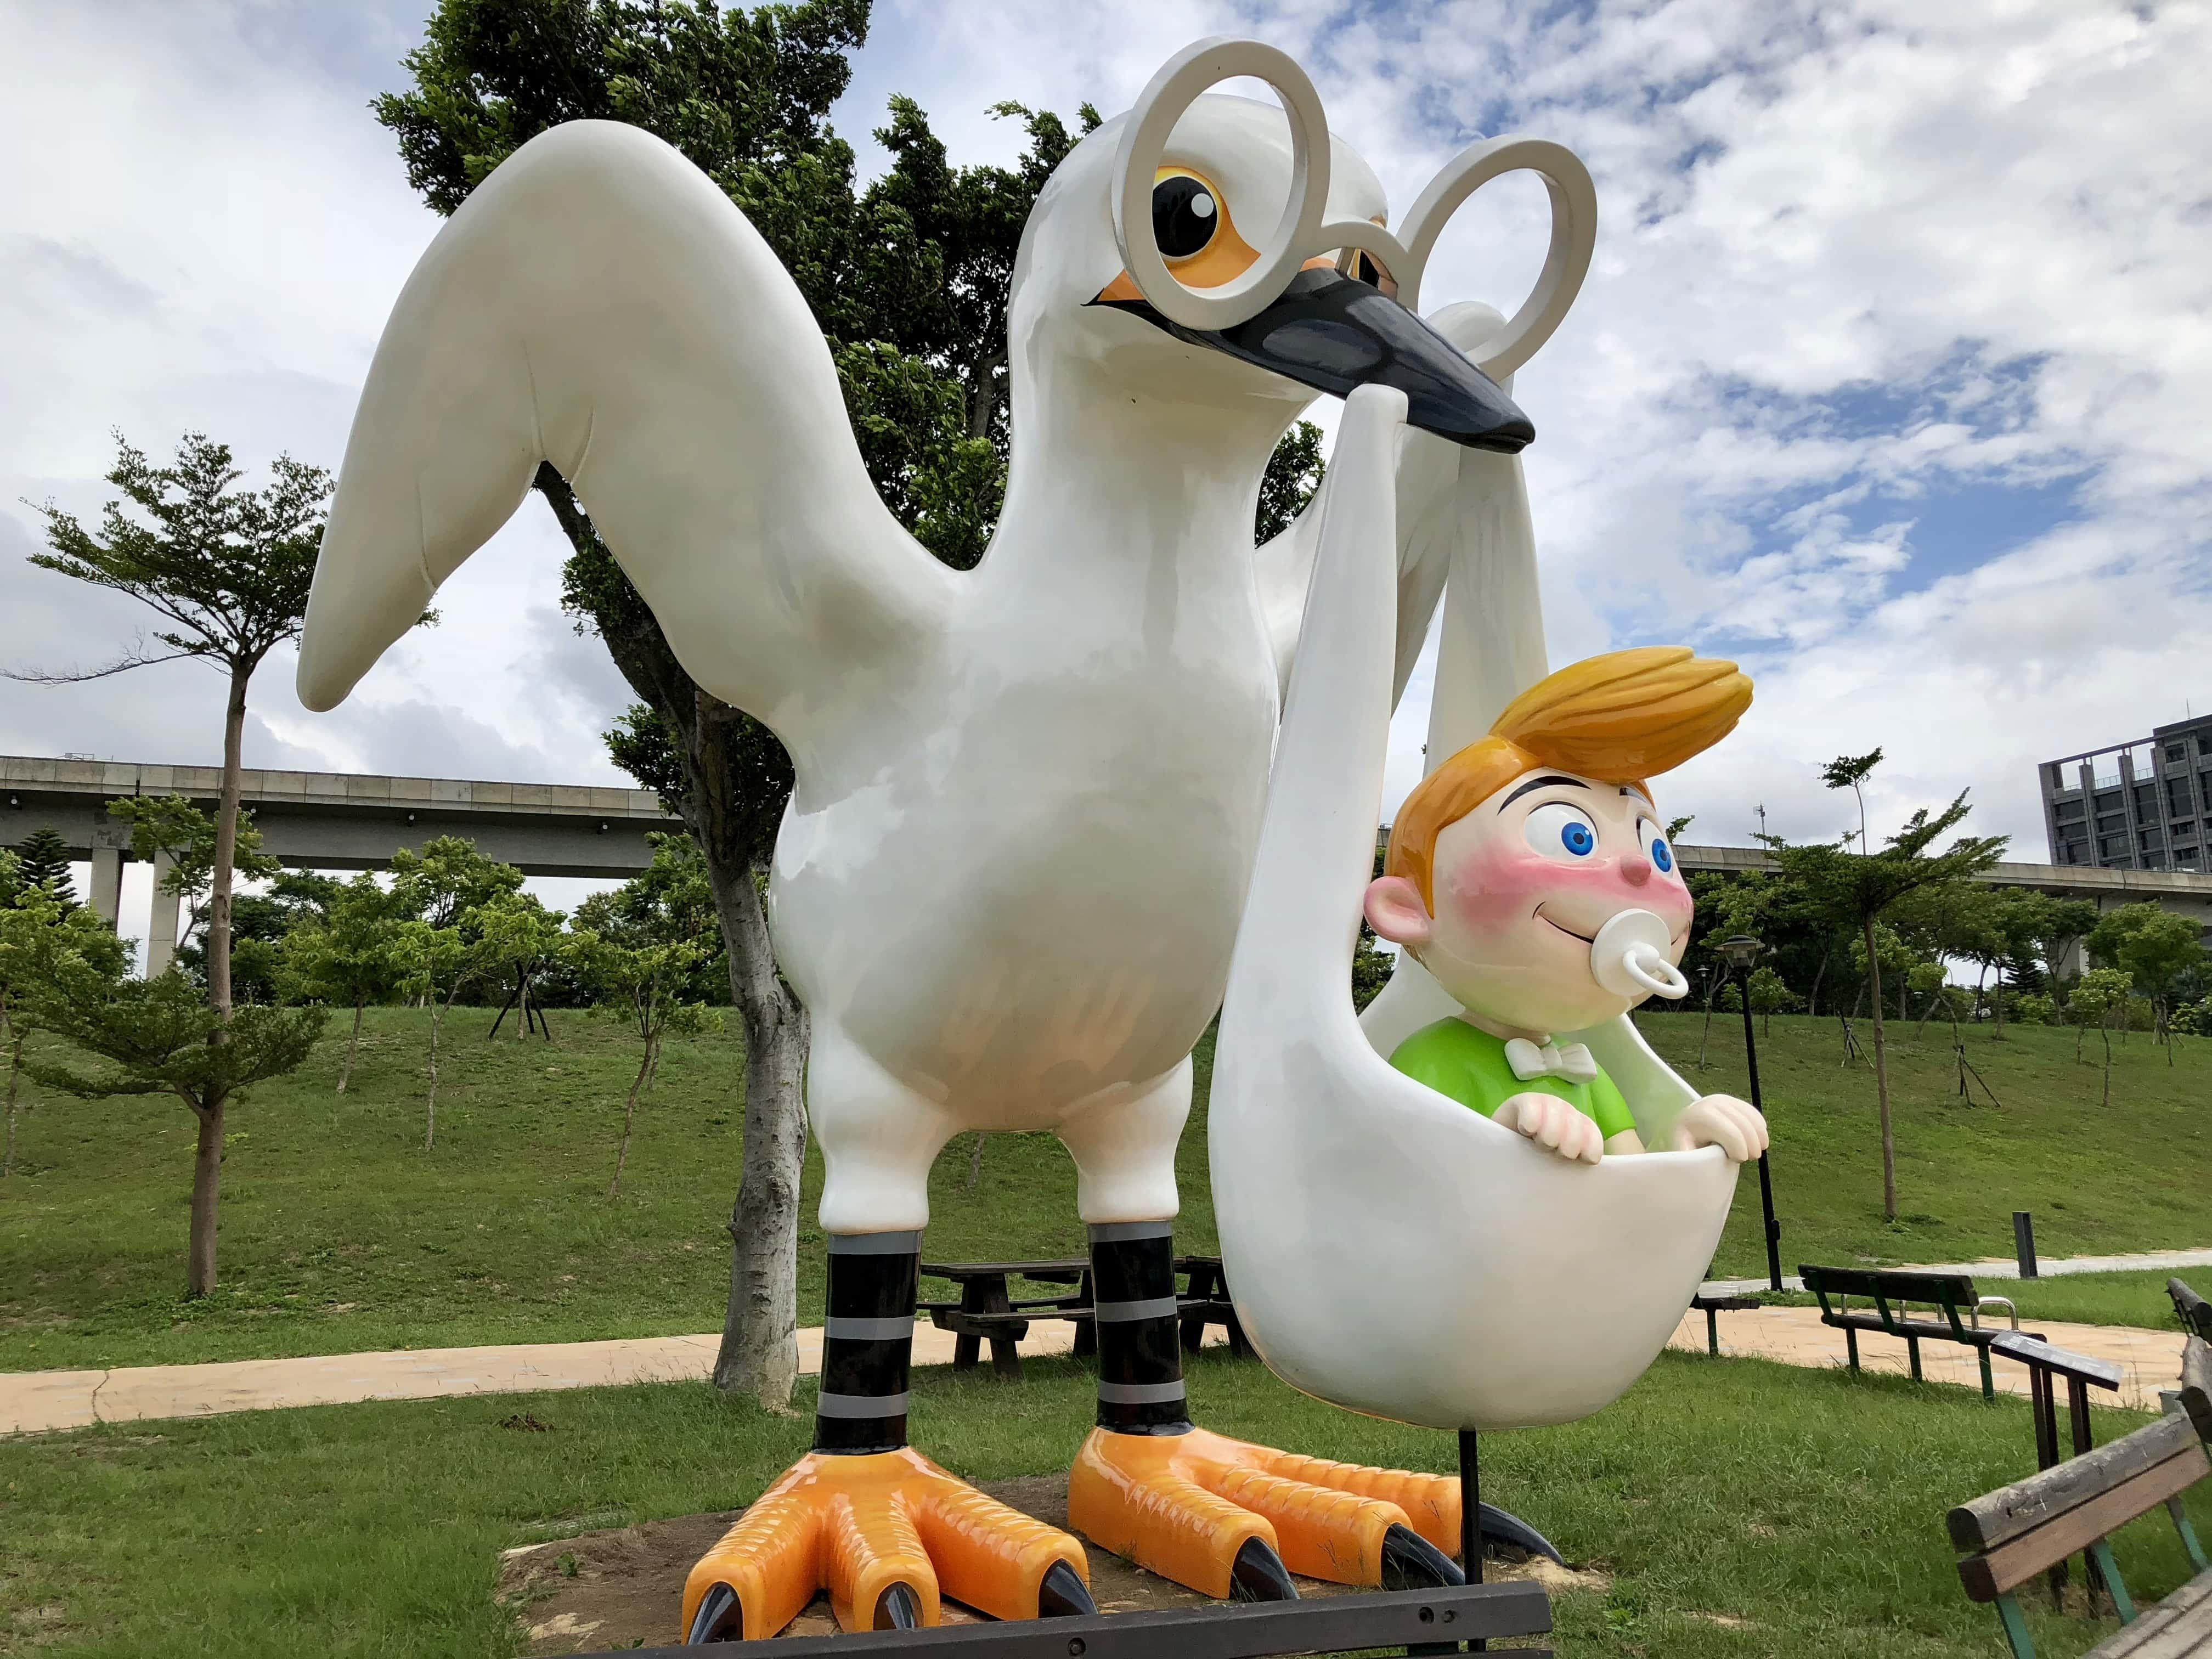 フリー写真画像 遊び場 鳥 プラスチック 赤ちゃん おもちゃ 面白い マスコット 彫刻 動物 アート